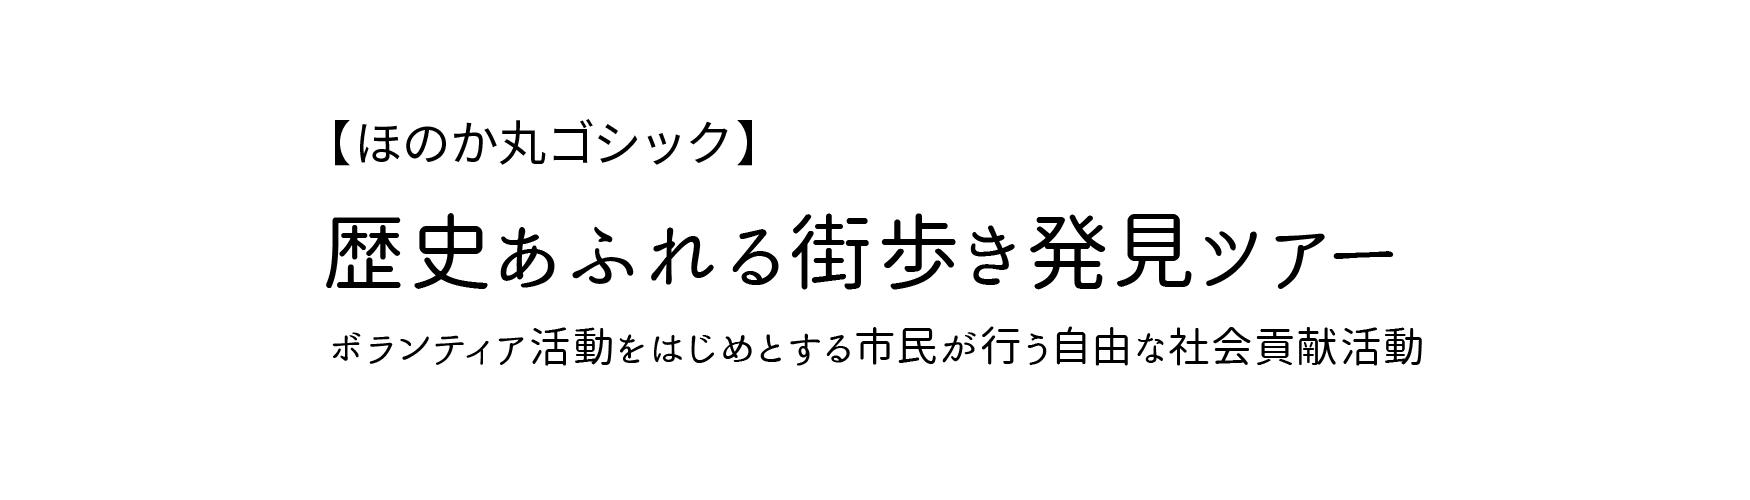 170508image630x360_sumple_honokamarugo